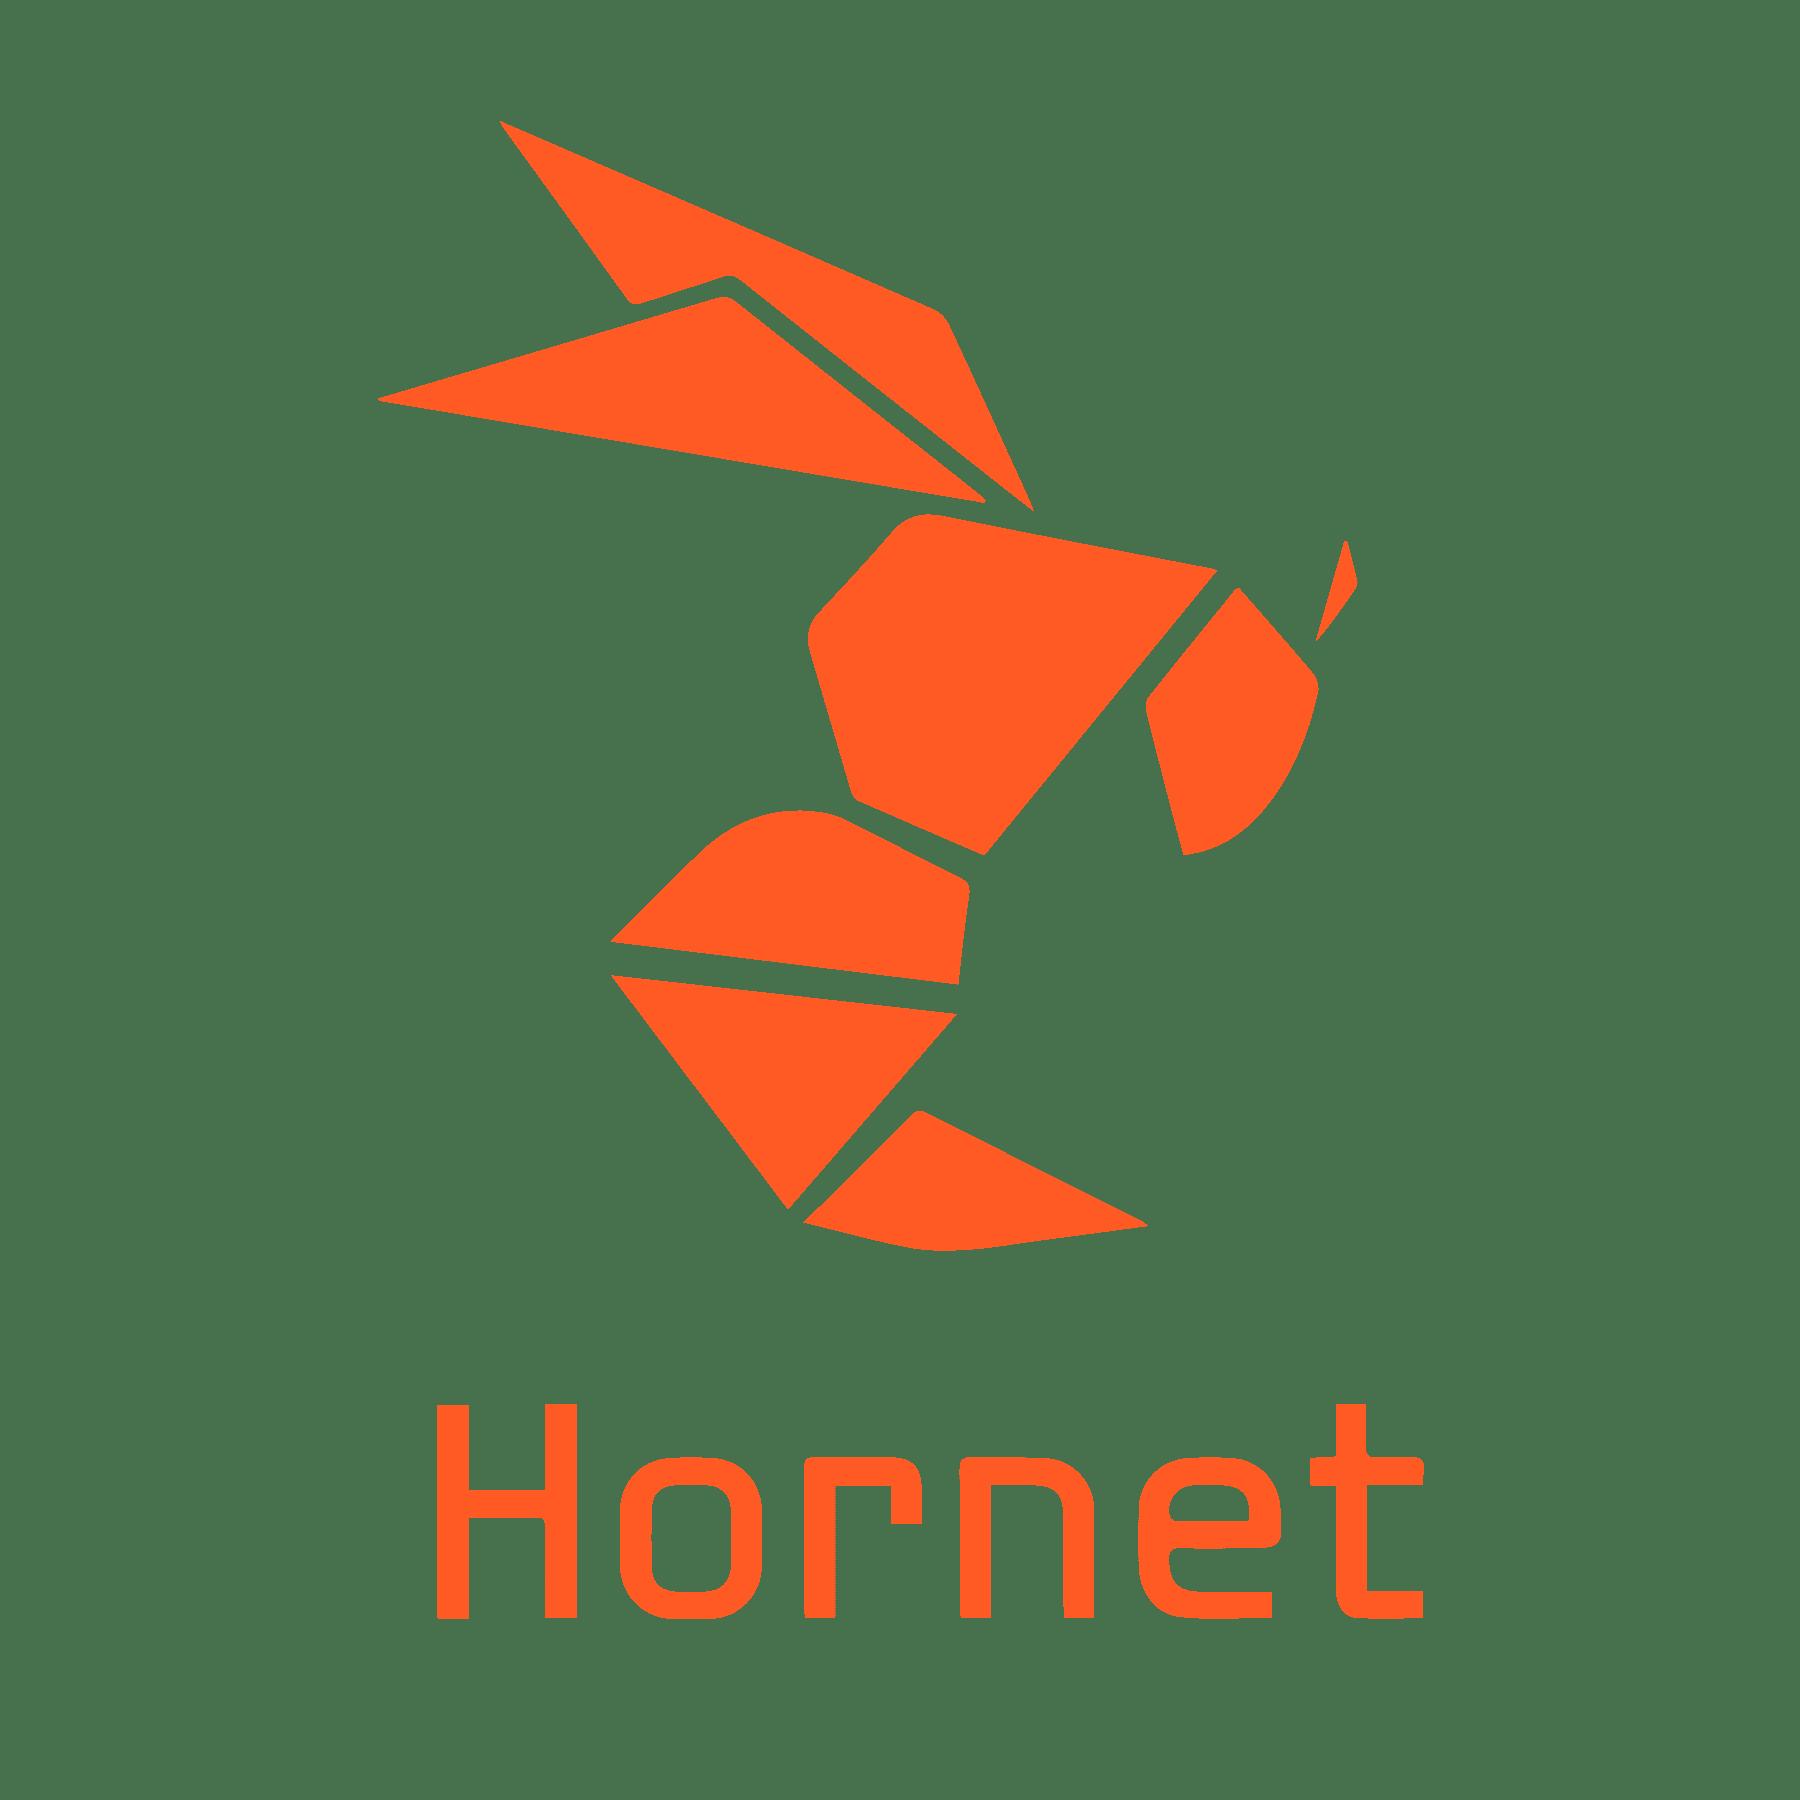 Hornet gay site